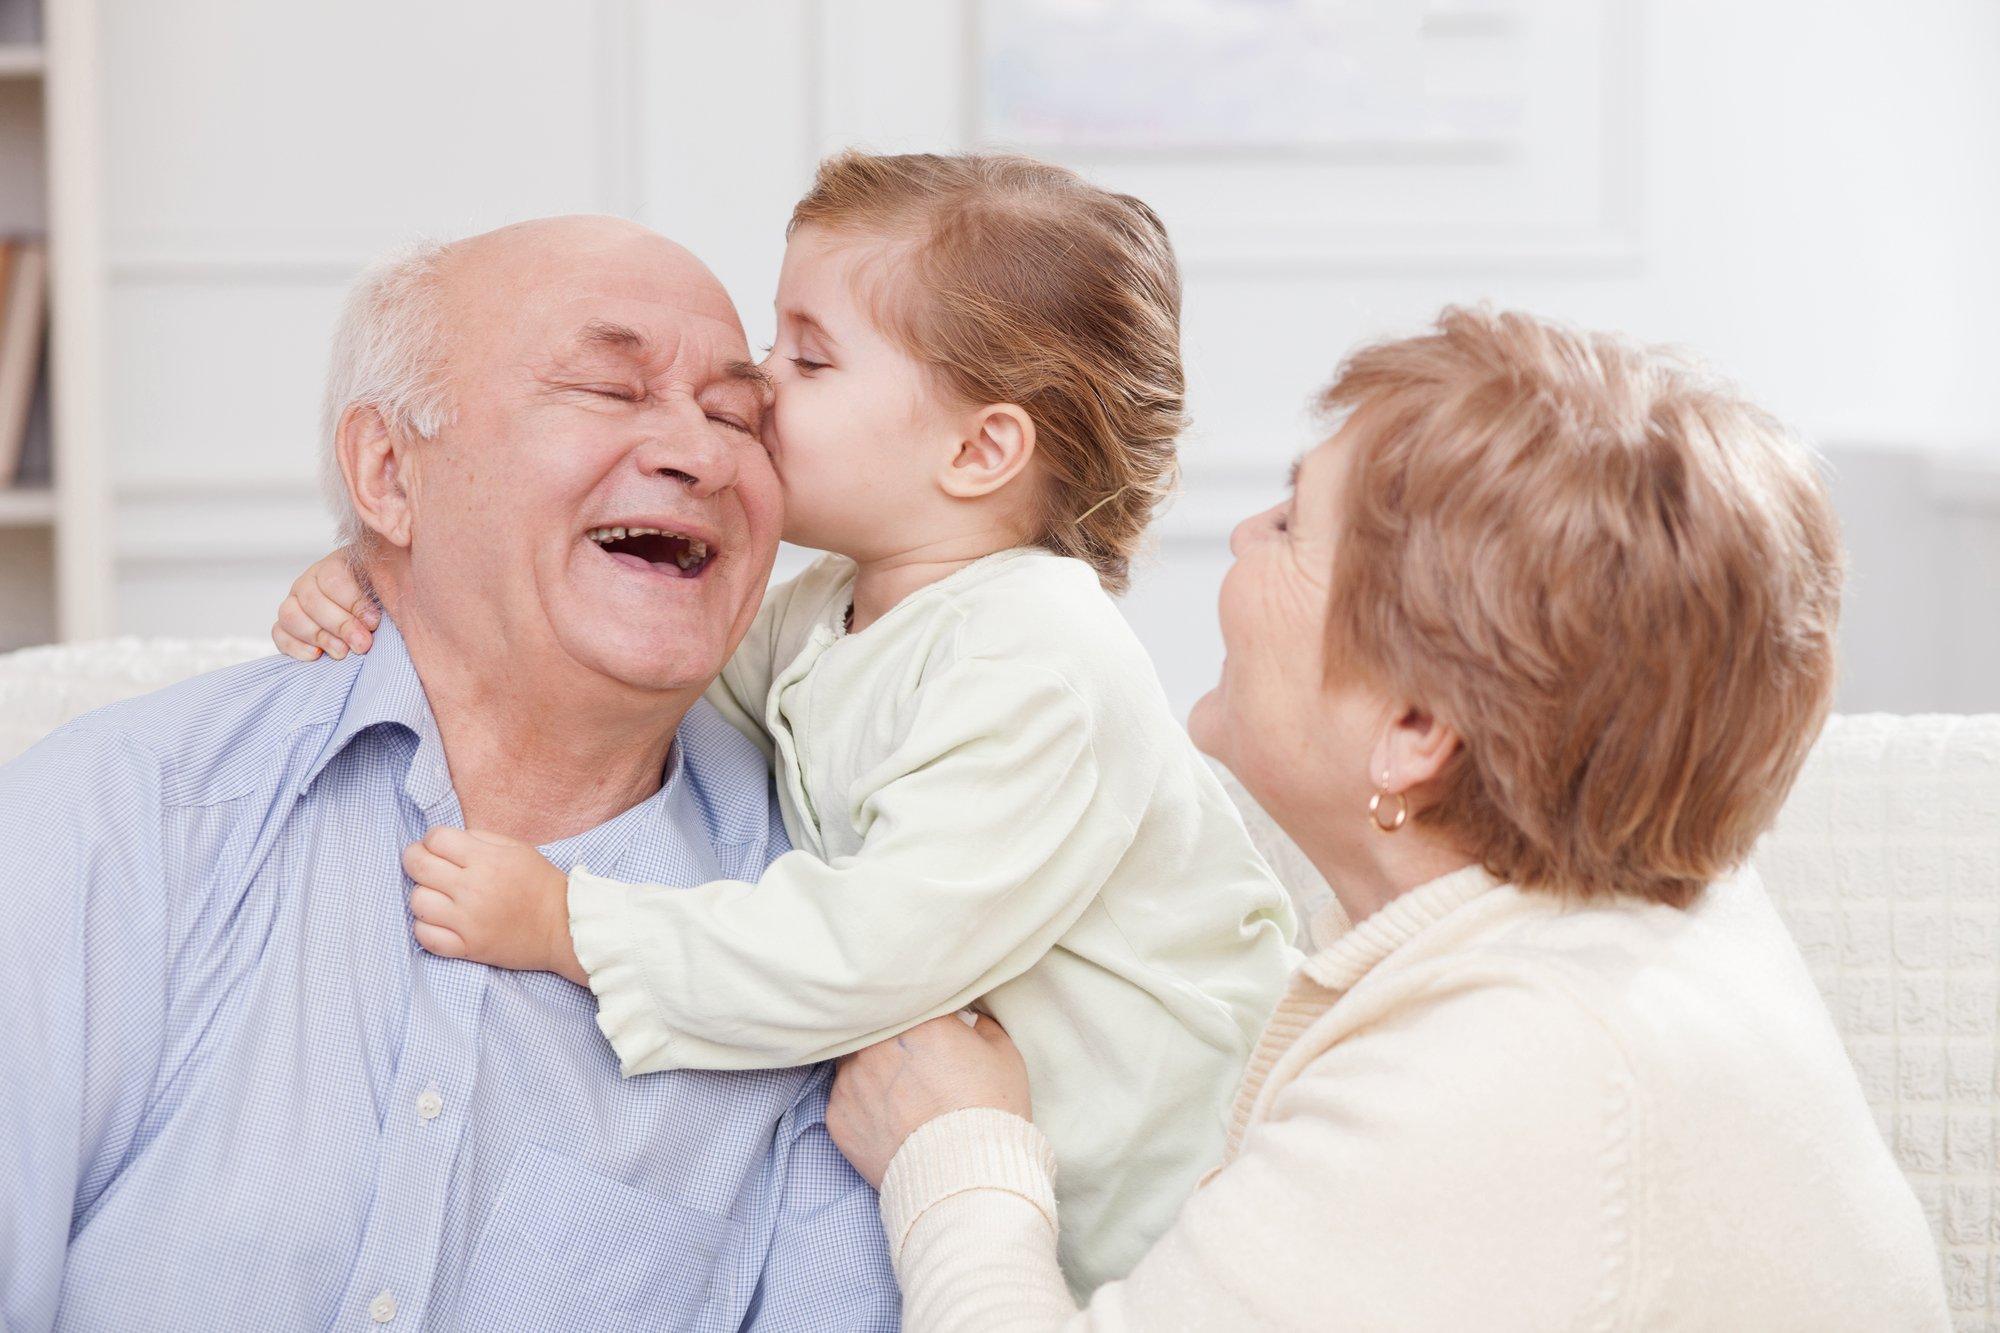 depositphotos 92929028 l 2015.jpg?resize=1200,630 - Grands-parents, garder vos petits-enfants est bon pour votre santé!